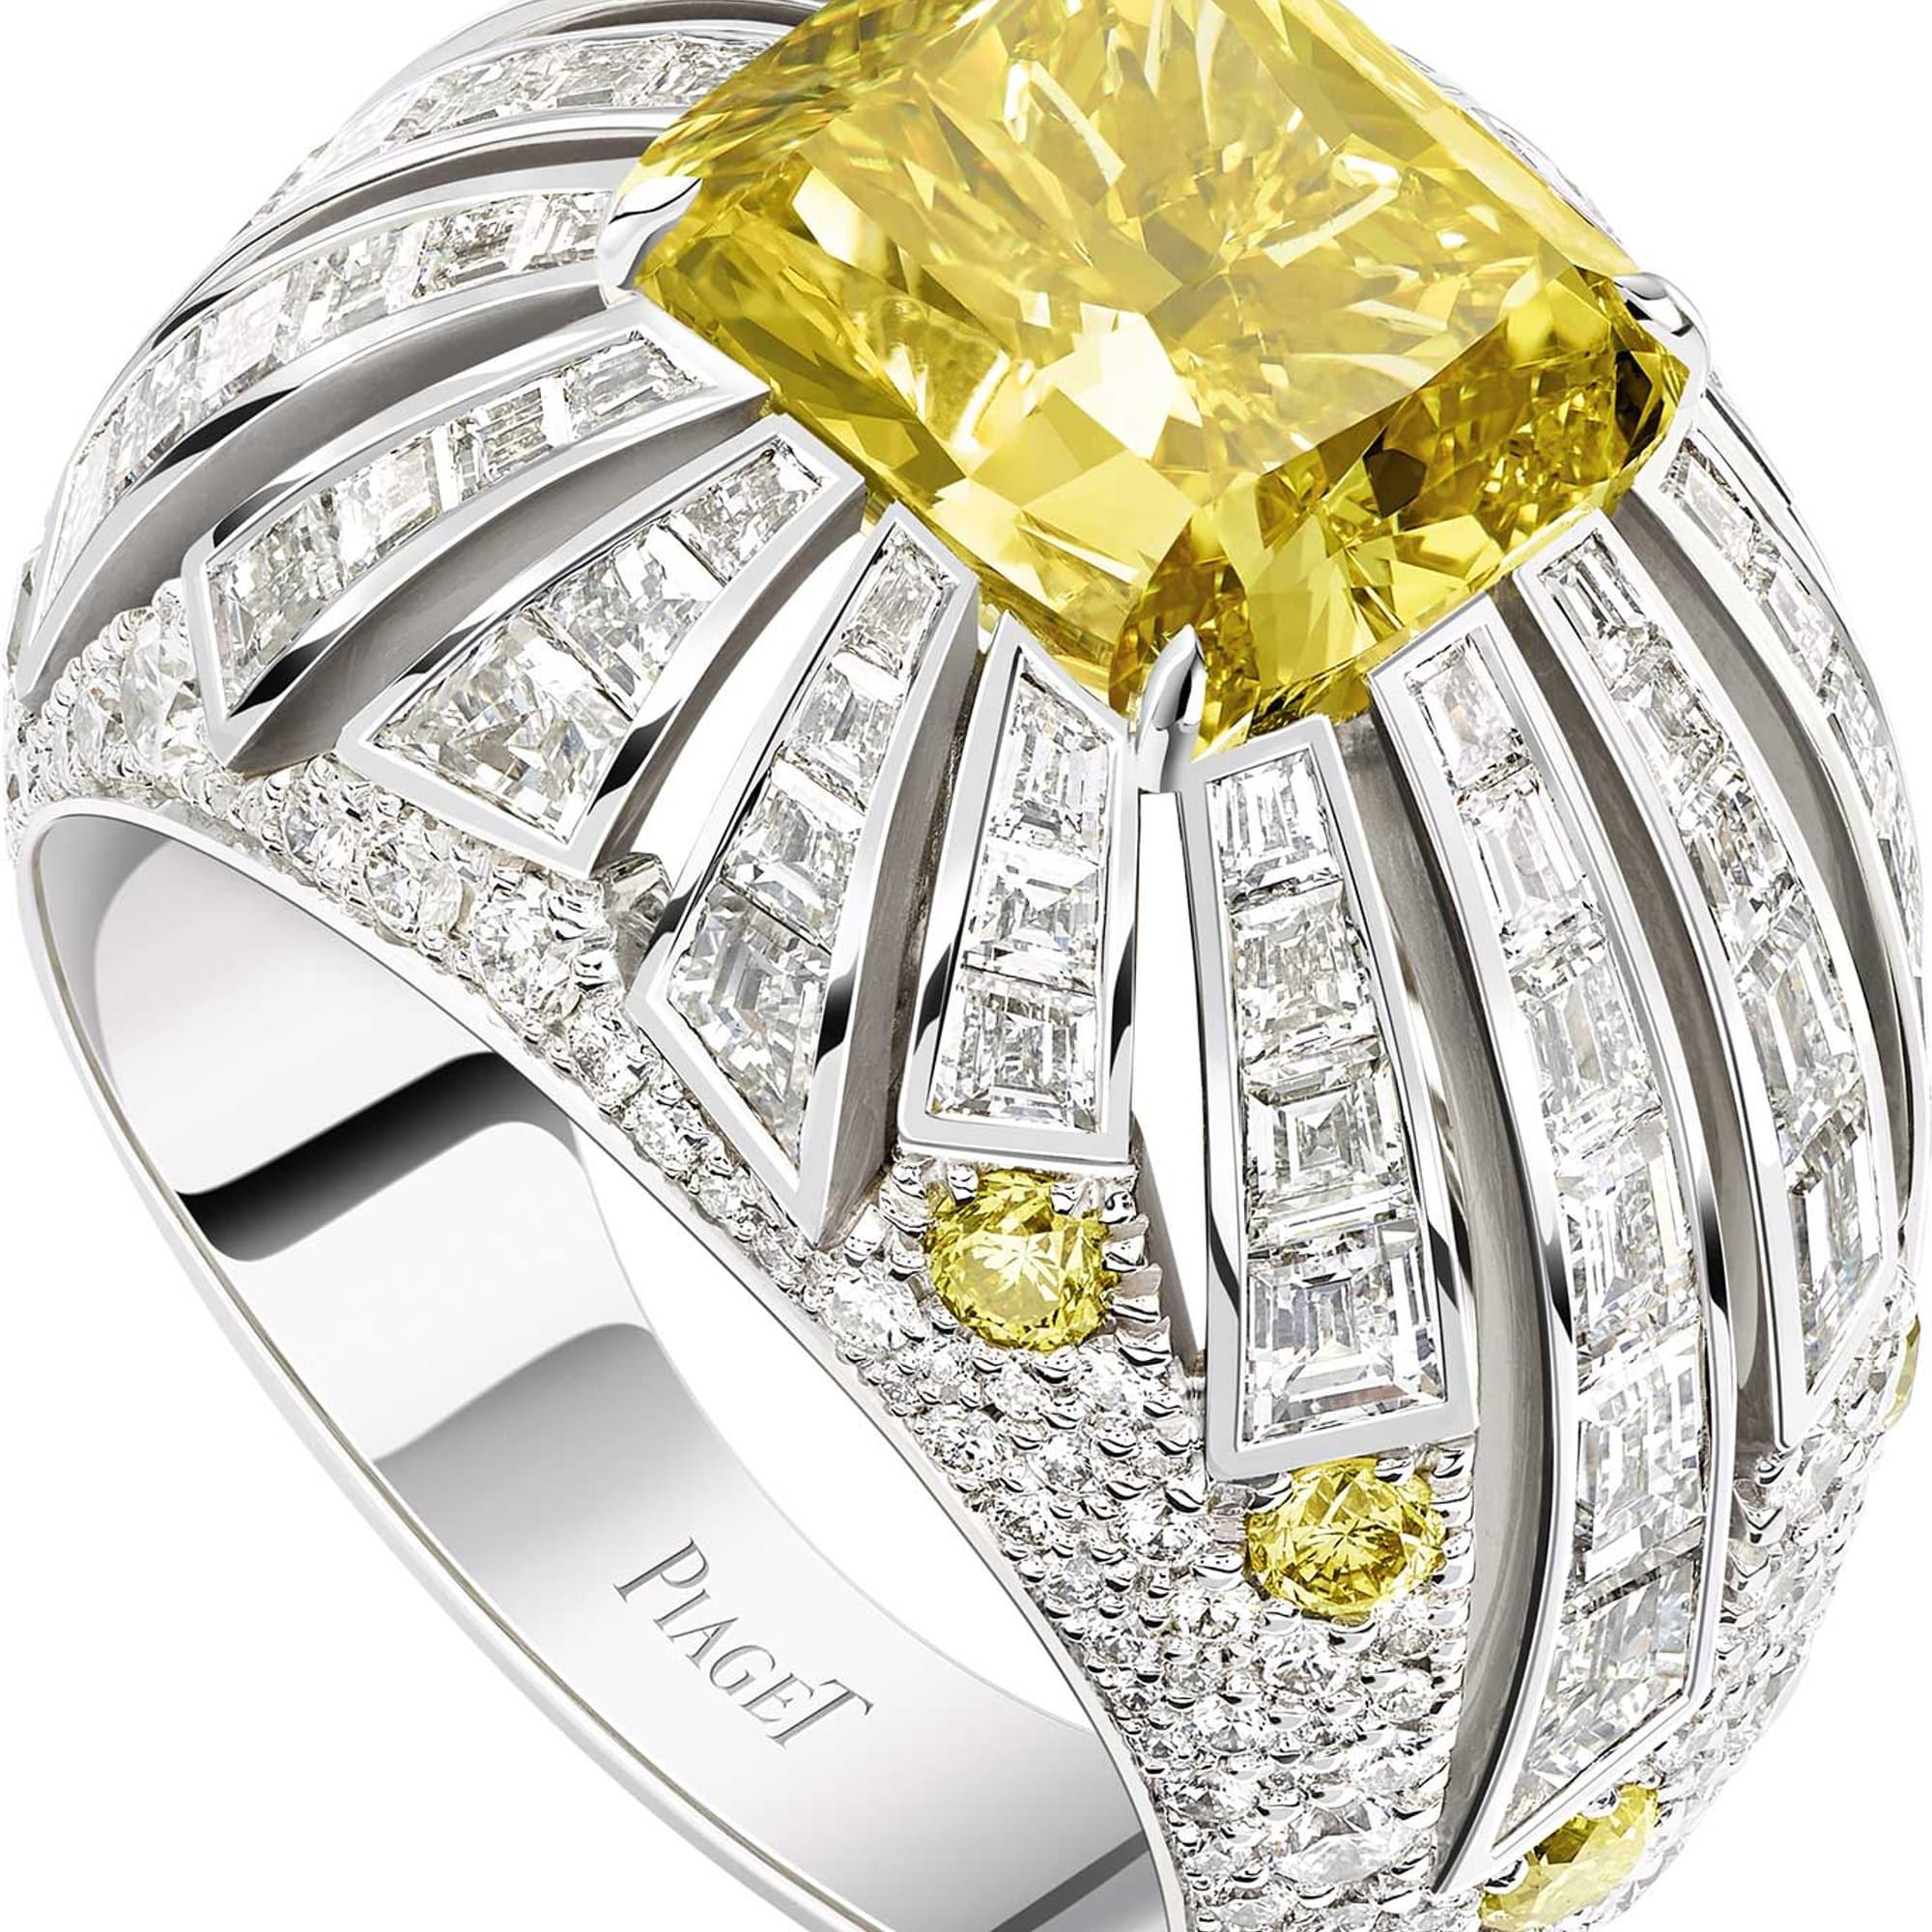 高级珠宝钻石戒指